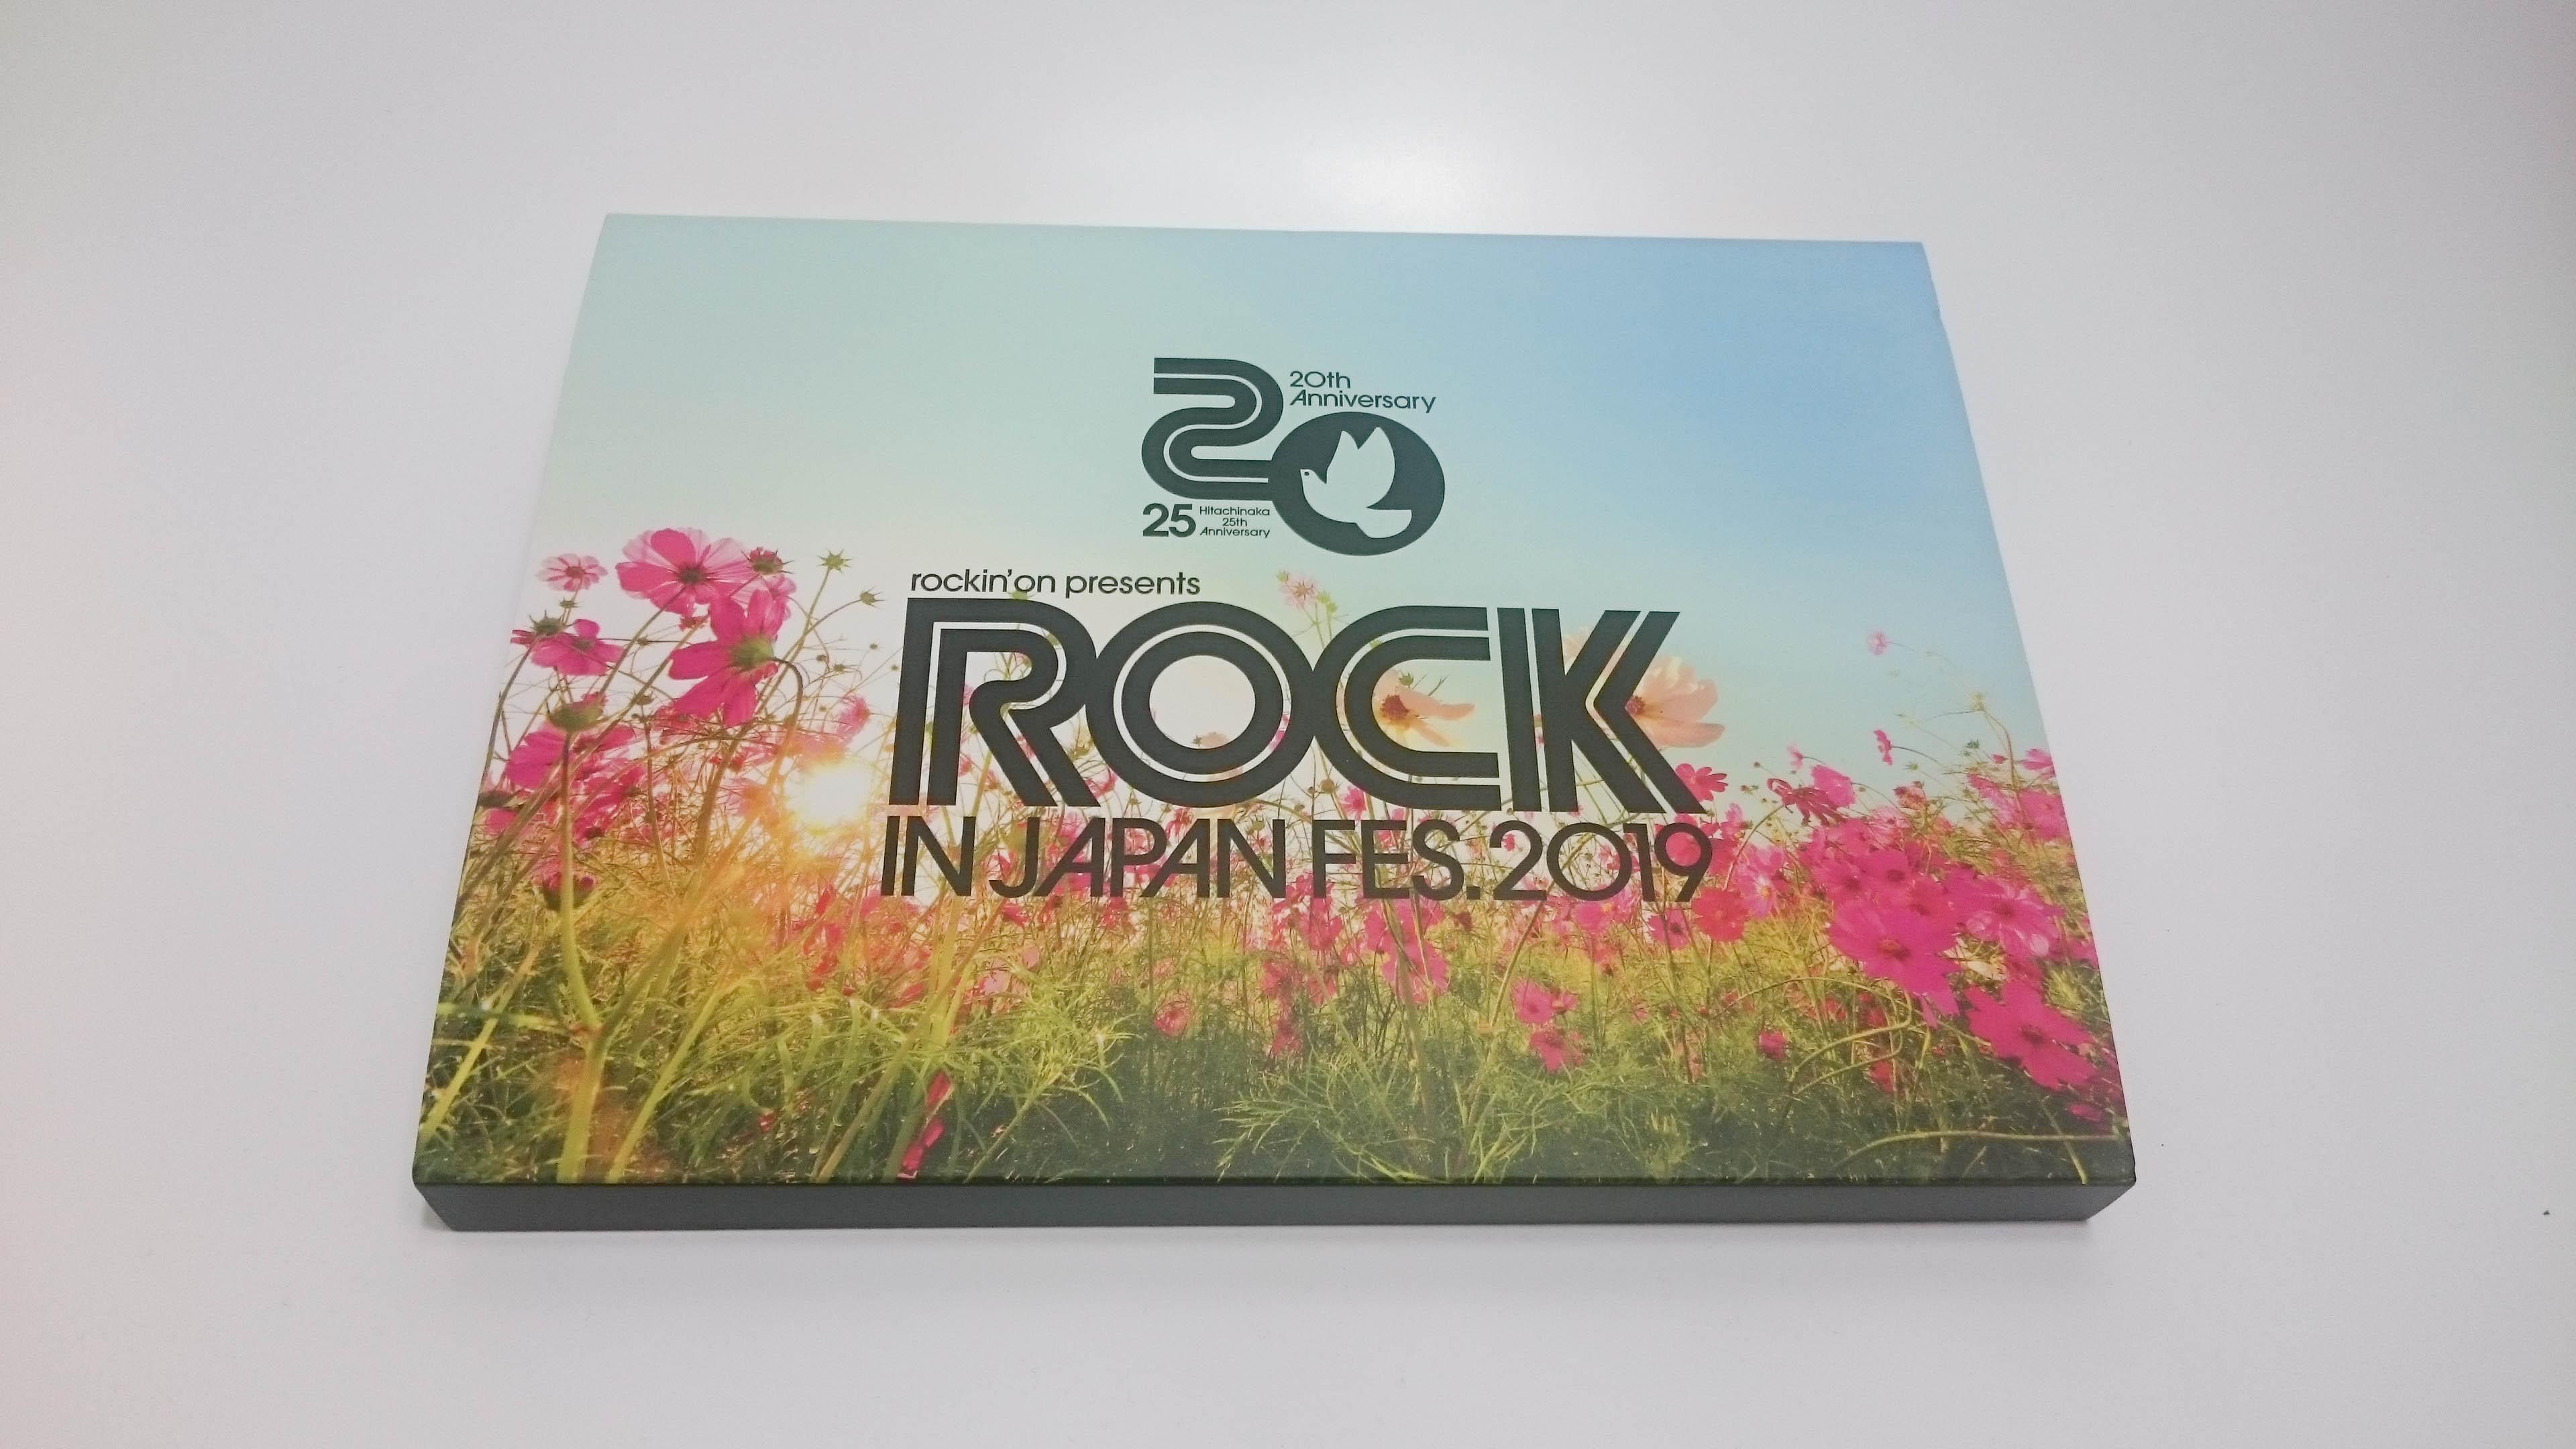 【開封】ROCK IN JAPAN FESTIVAL 2019の先行特典付きチケットの中身をチェックしよう